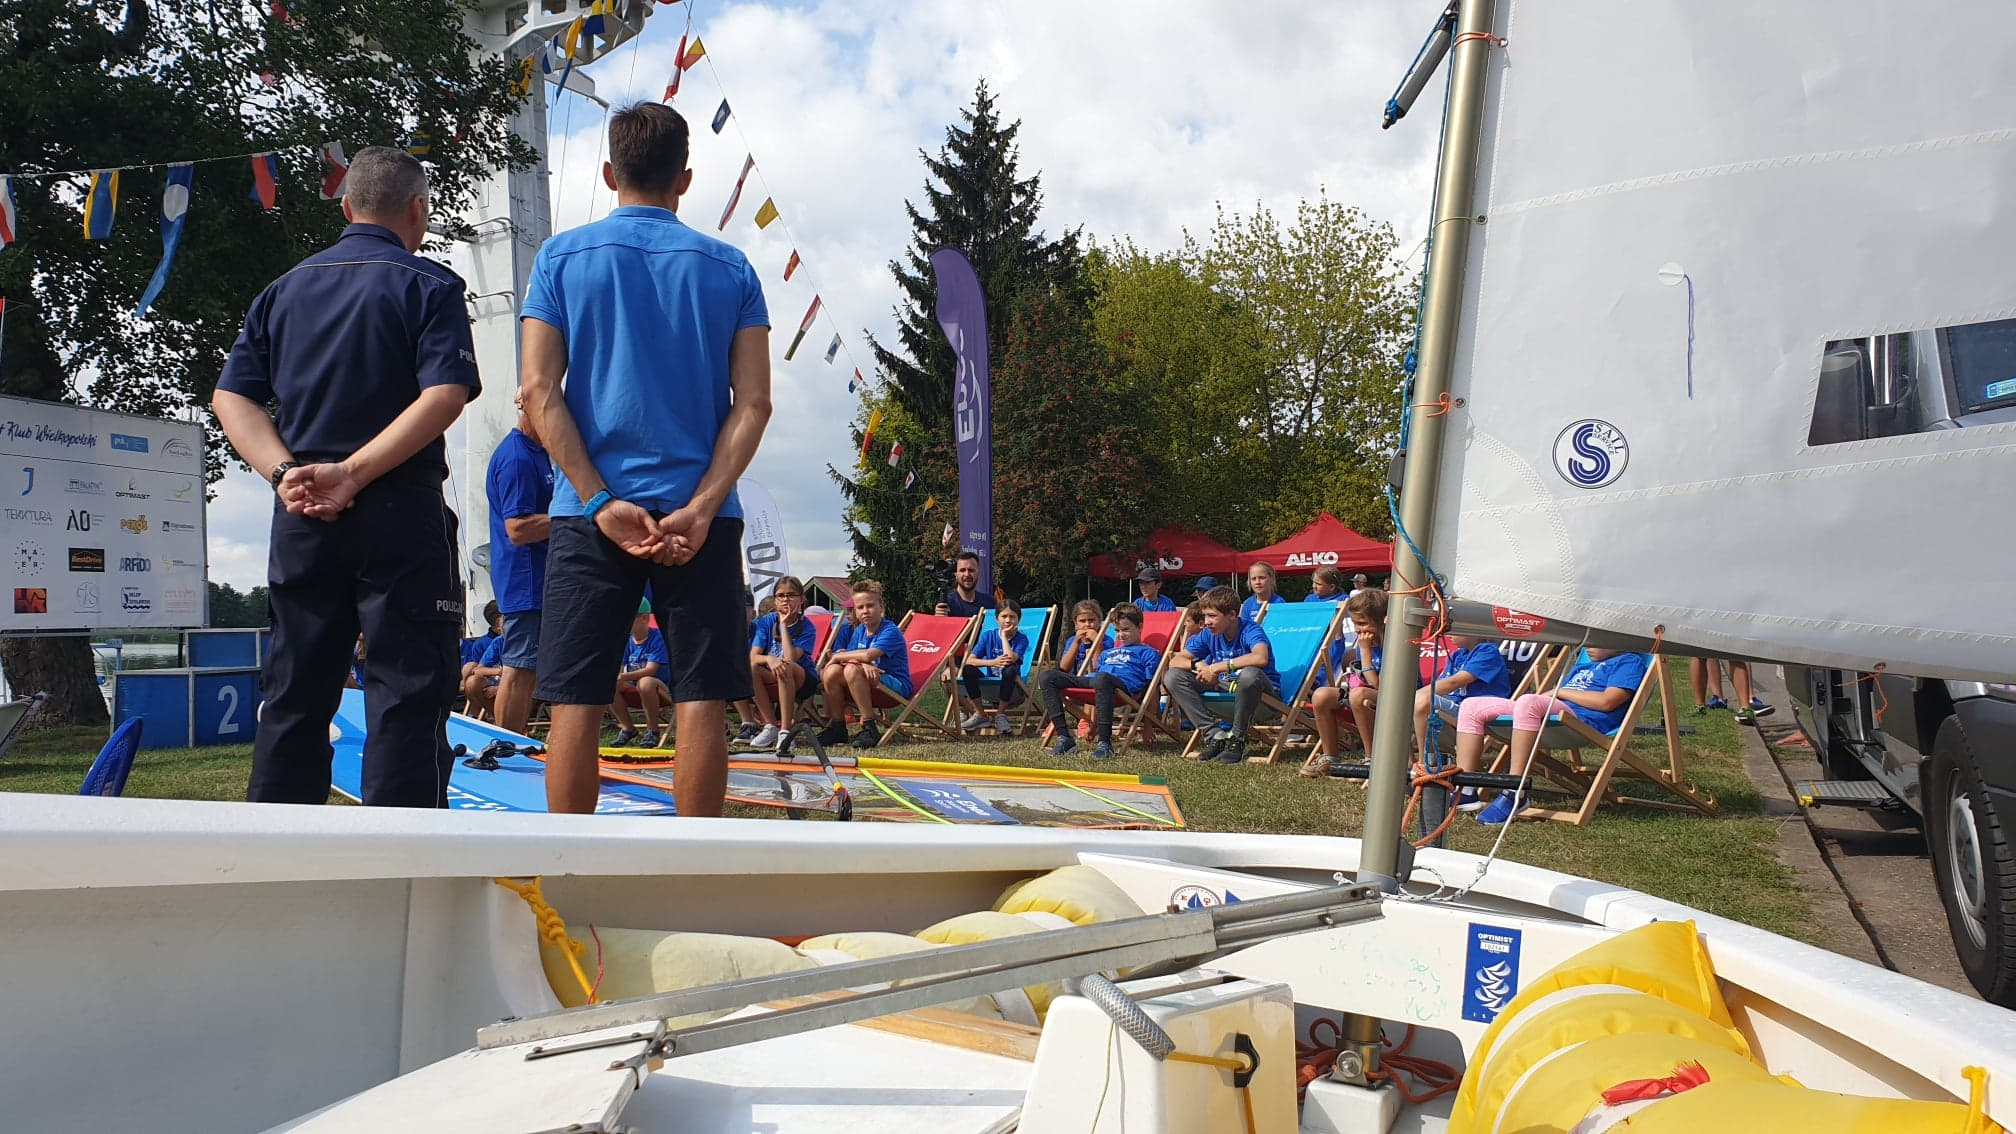 jezioro kierskie dzieci uczą się o bezpieczeństwie - Michał Jędrkowiak